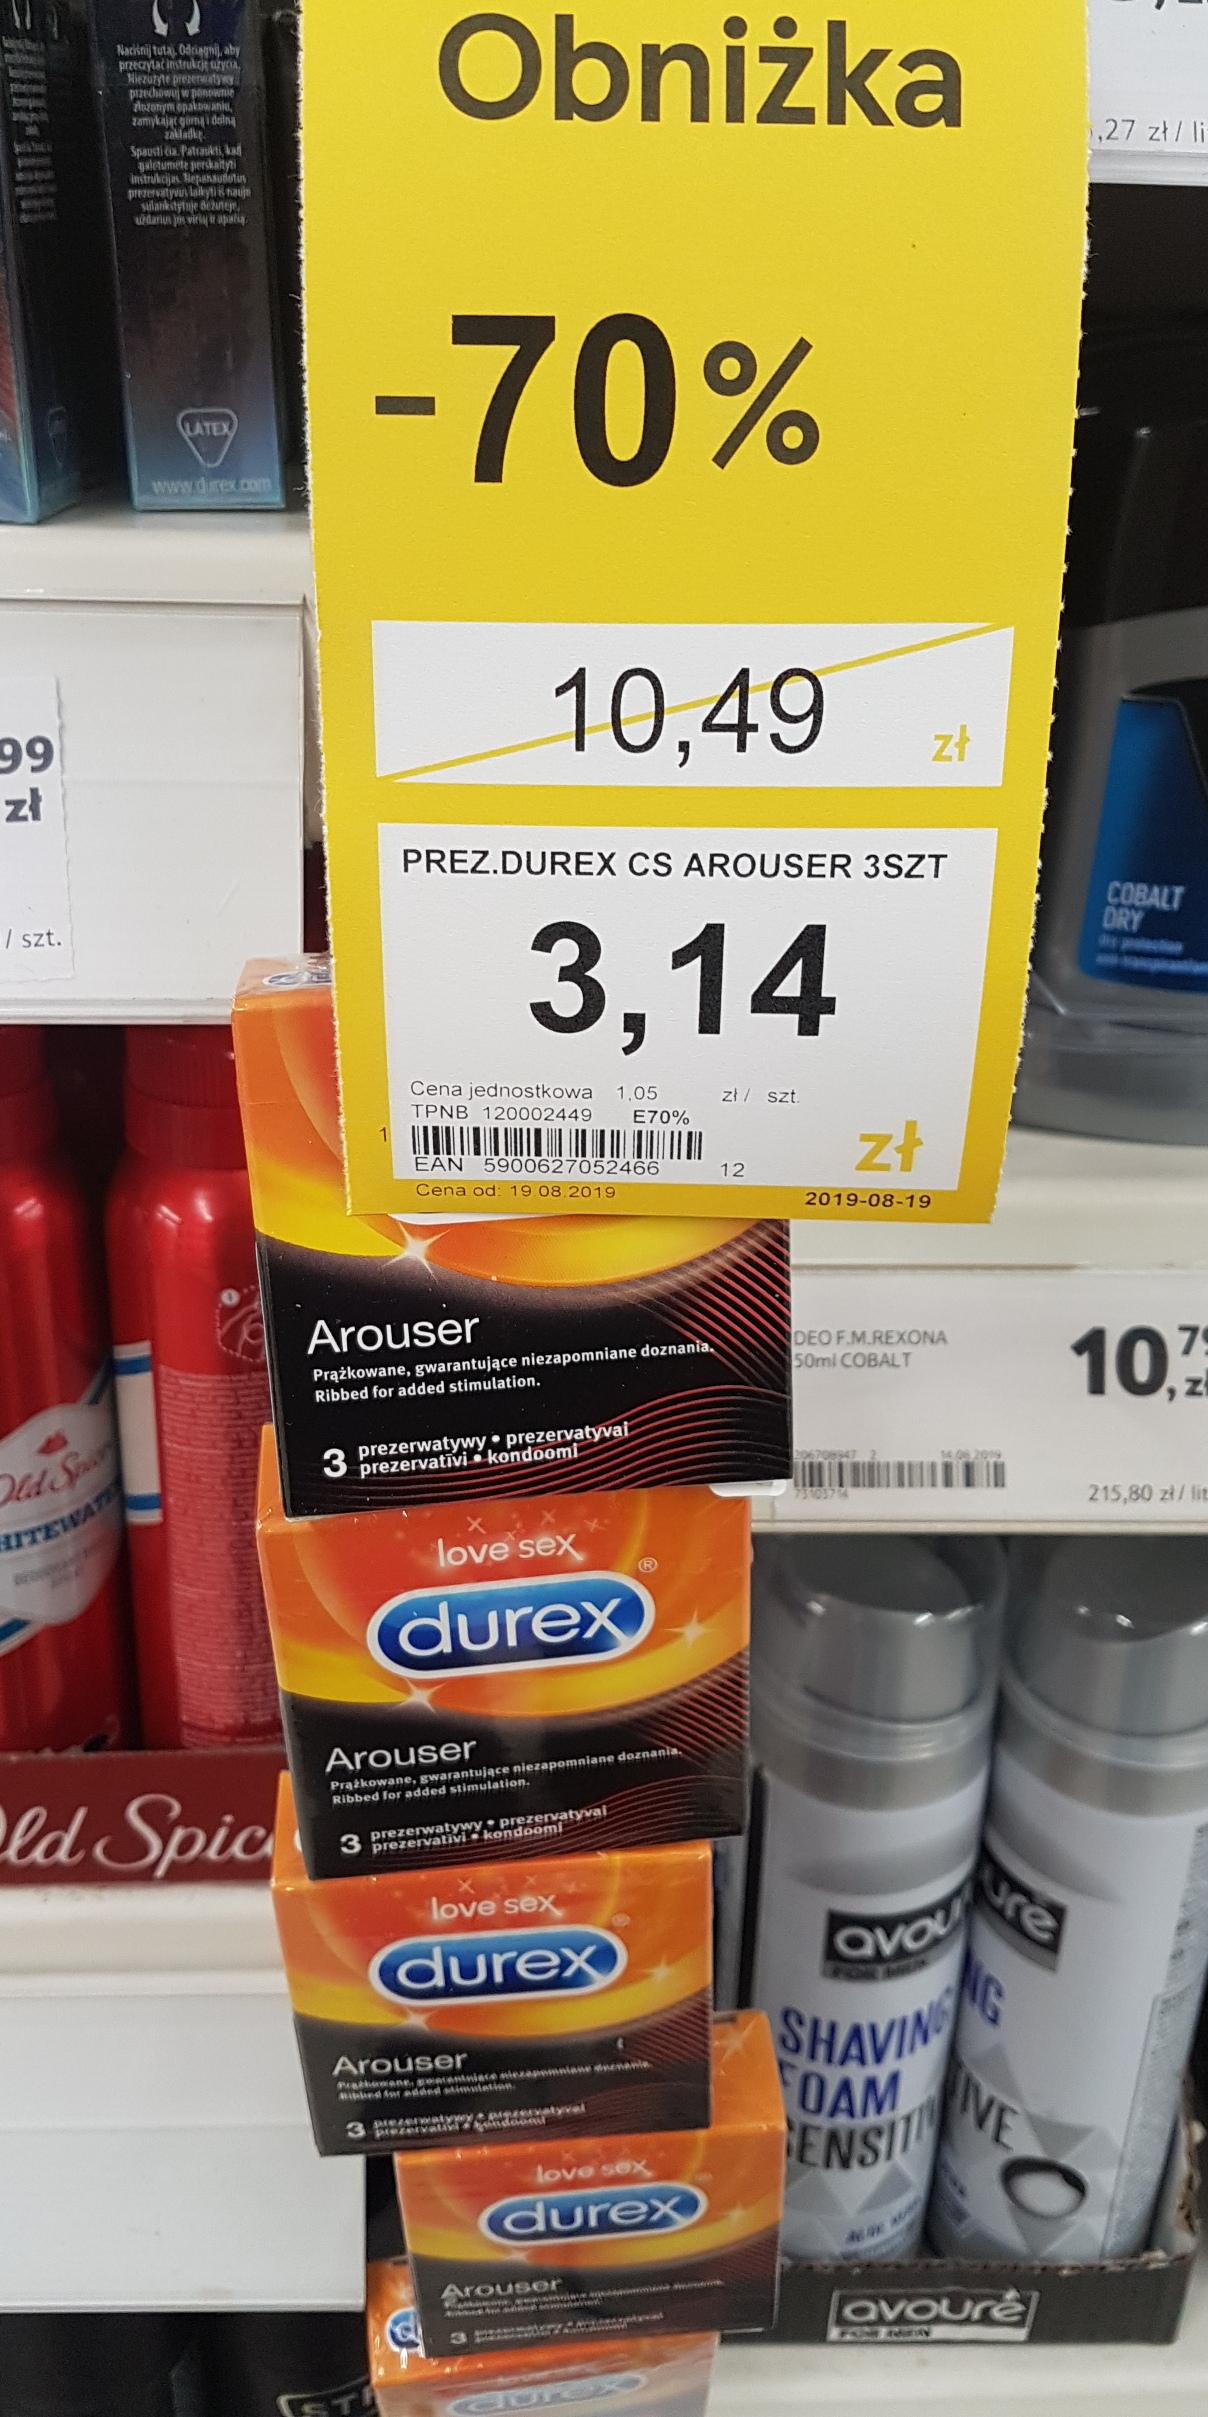 Obniżka ceny 70% na prezerwatywy marki Durex w Tesco.